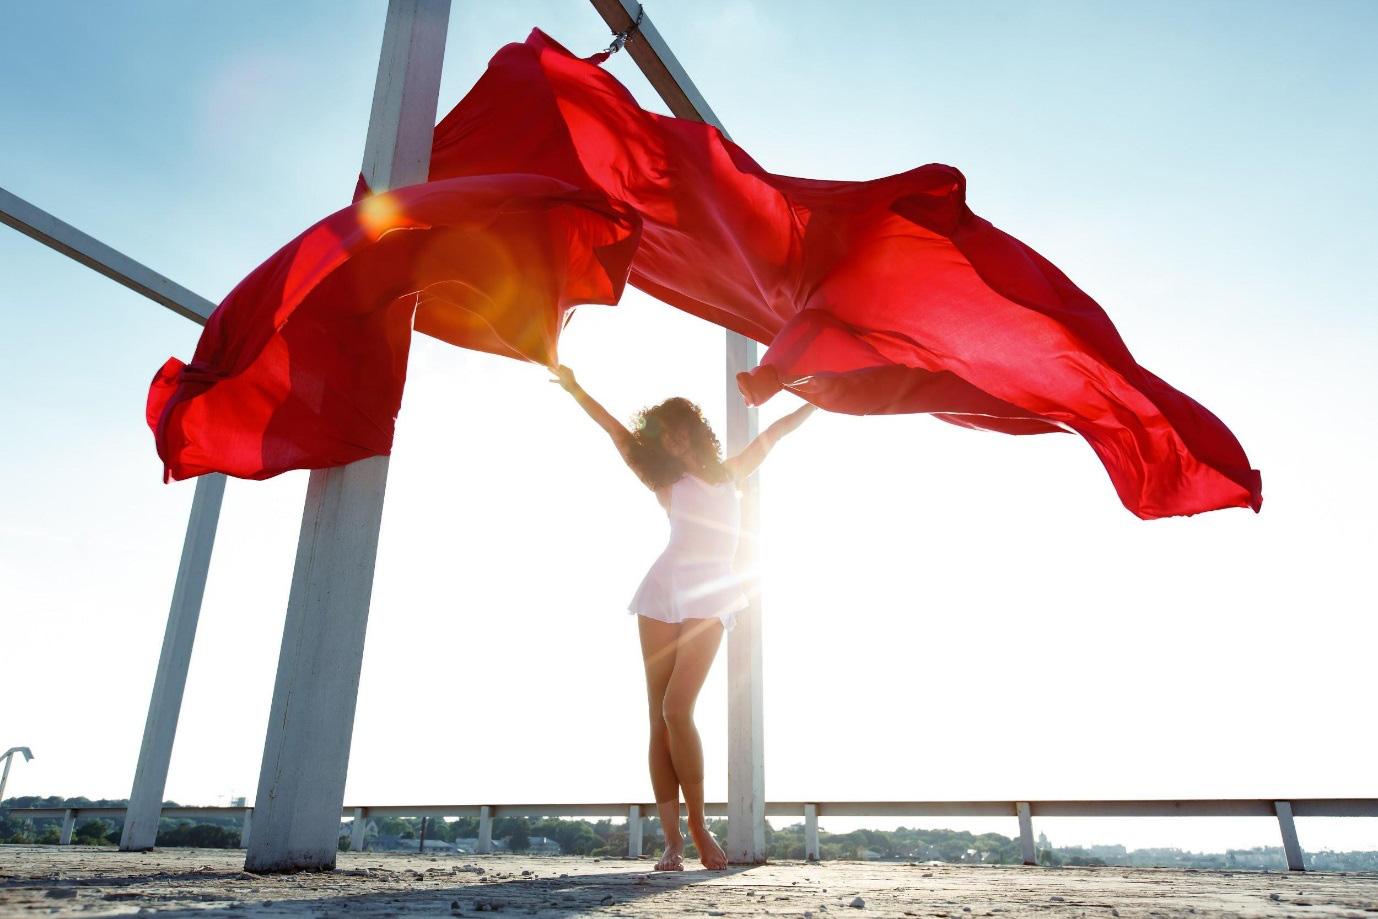 Phụ nữ hiện đại - Chủ động vượt qua nỗi lo suy giảm nội tiết tố - Ảnh 1.